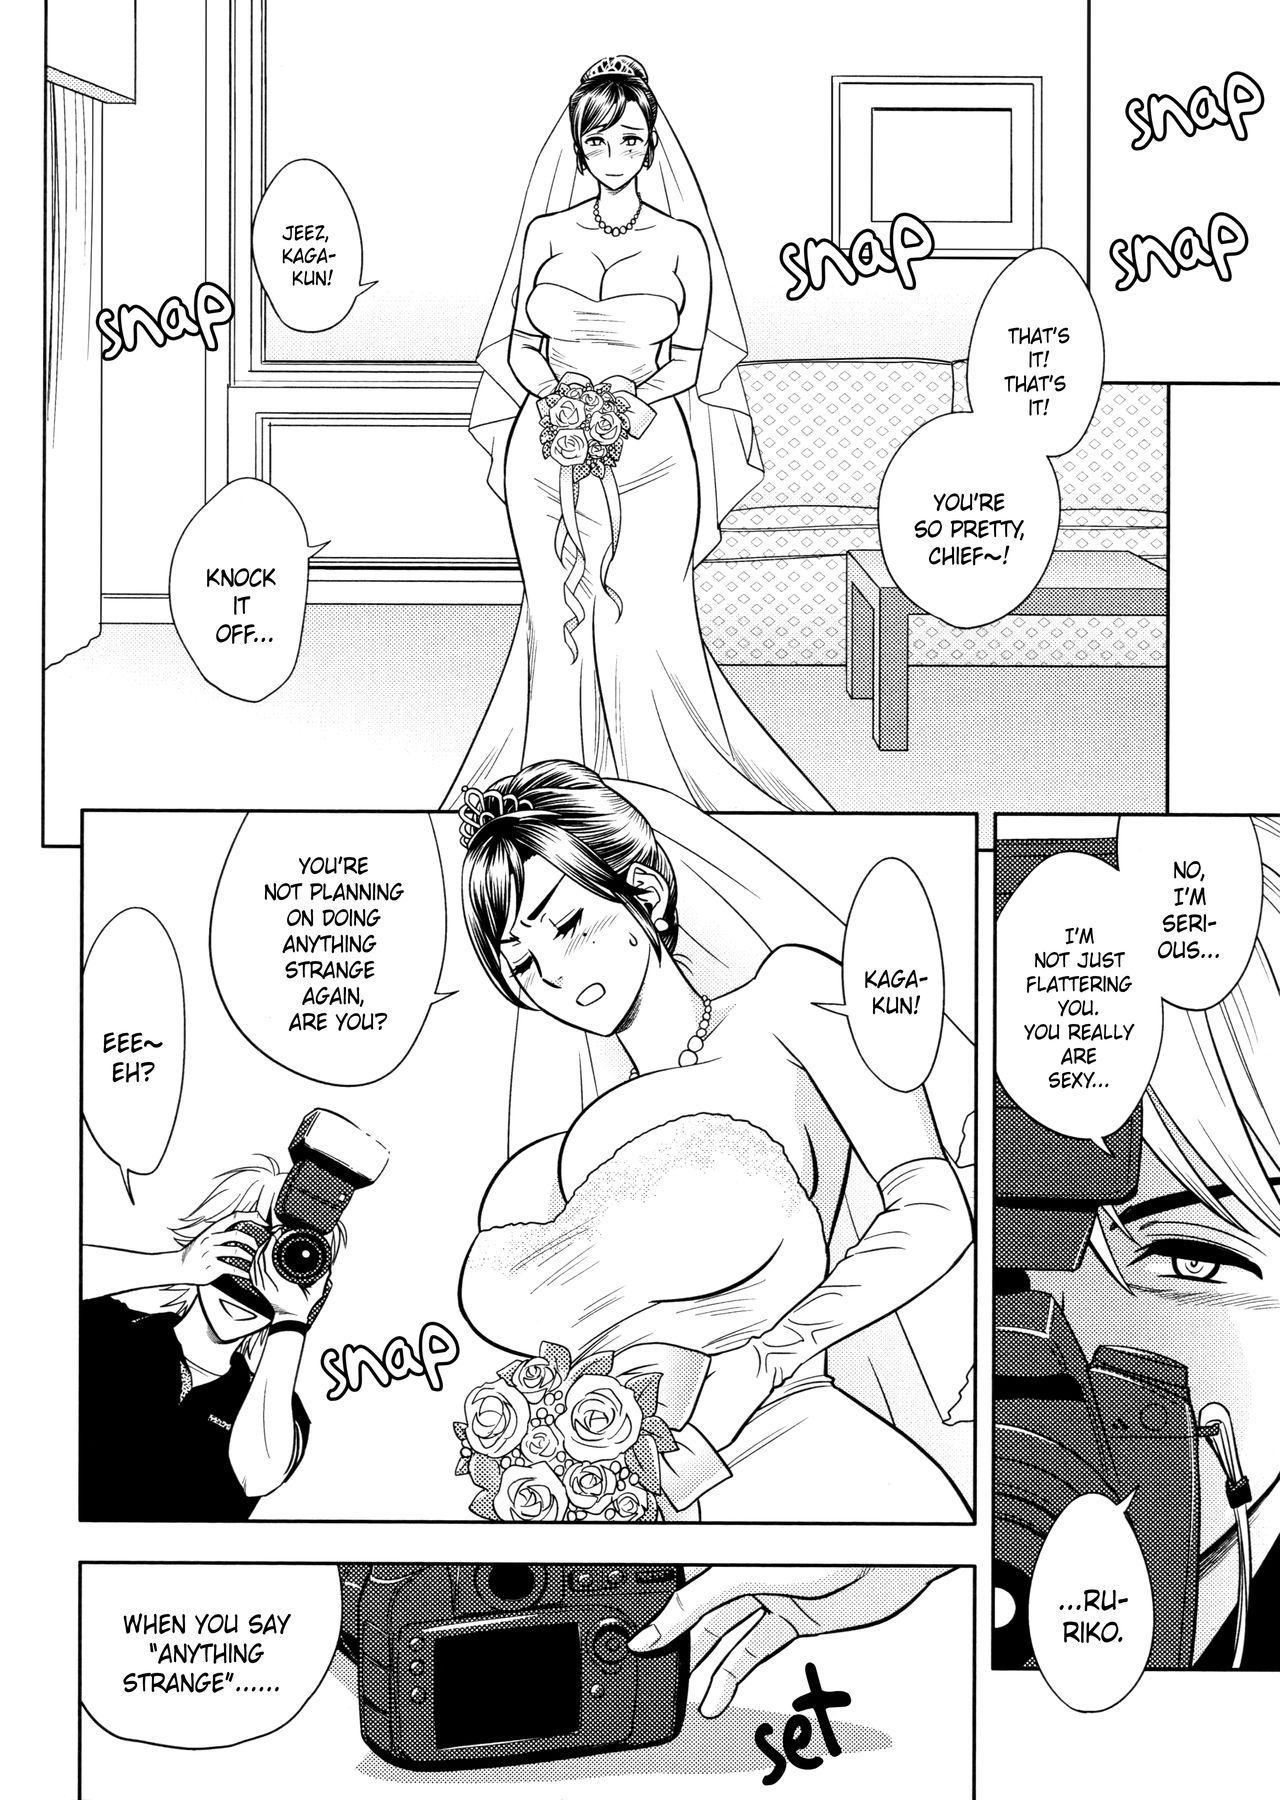 [Tatsunami Youtoku, Yamasaki Masato] Bijin Henshuu-chou no Himitsu | Beautiful Editor-in-Chief's Secret Ch. 1-8 [English] [Forbiddenfetish77, Red Vodka, Crystalium, CEDR777] [Decensored] 87